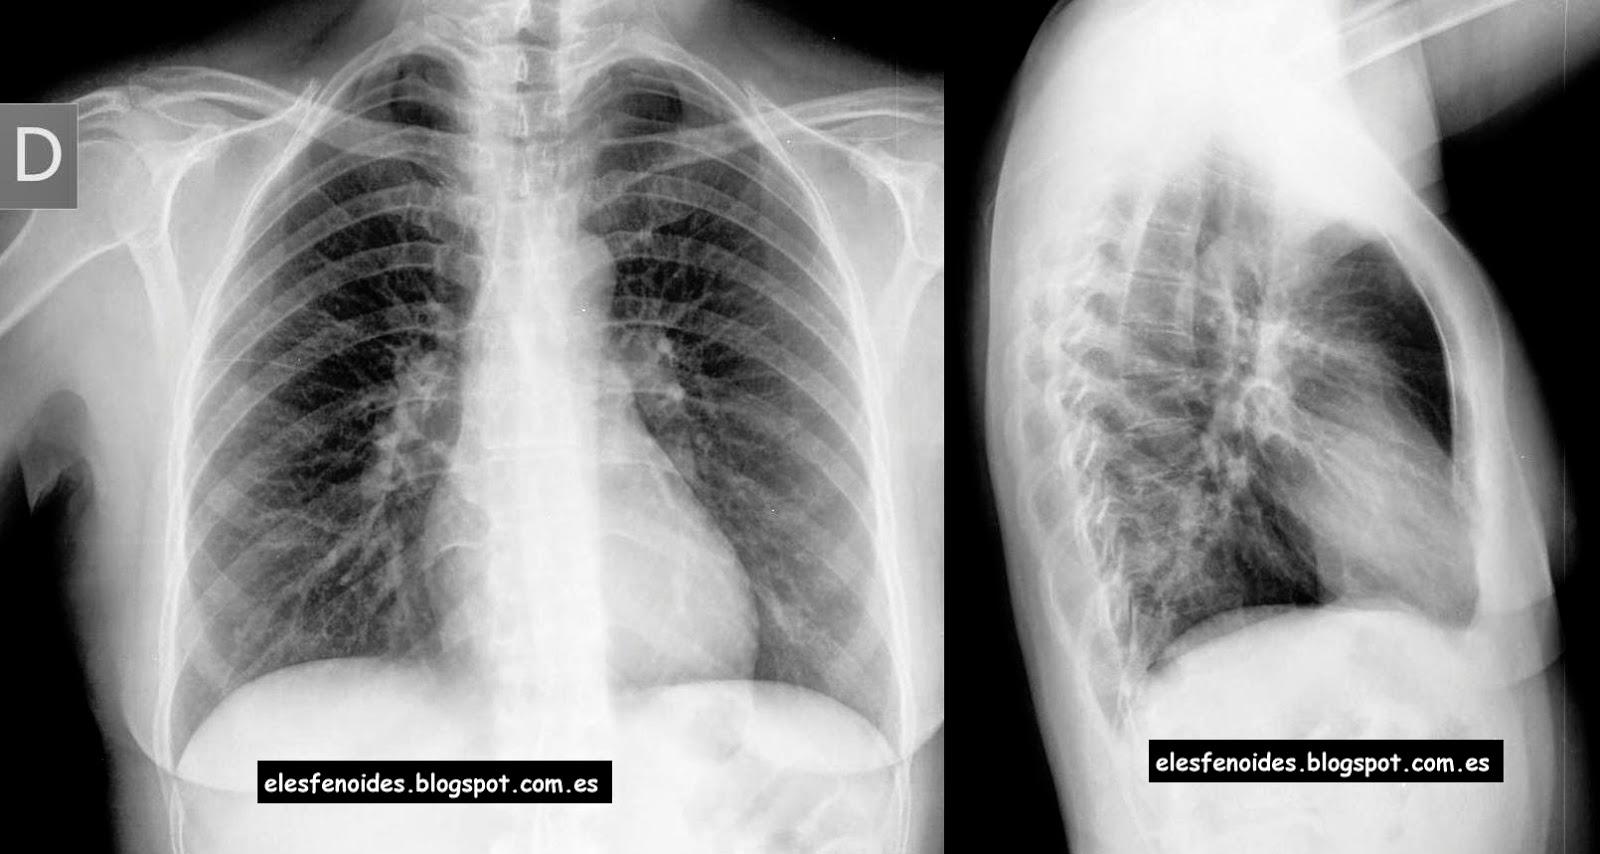 El esfenoides: Neumonía segmentaria [3a d]. 2 imágenes 1 caso.